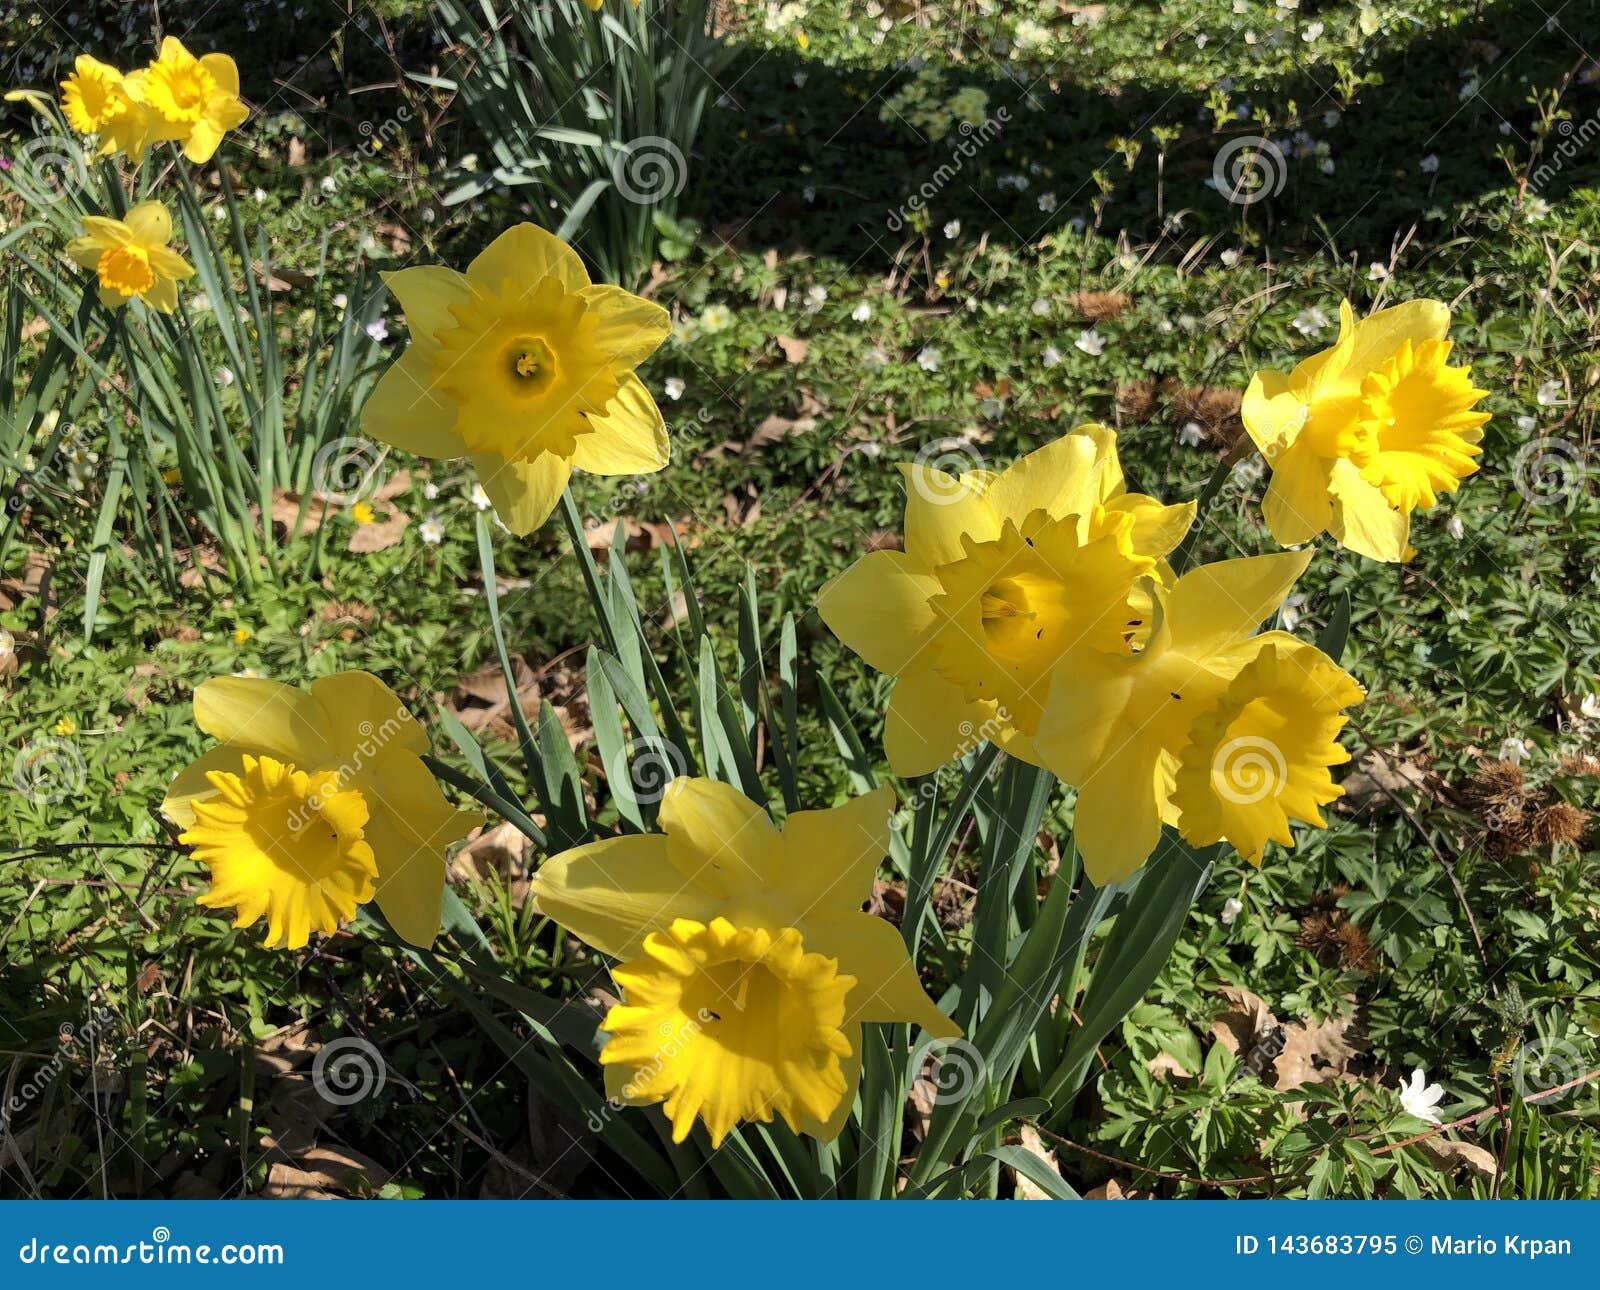 Narciso selvatico o narcissus pseudonarcissus prestato del giglio, Gelbe Narzisse, Osterglocke oder Osterglöckchen